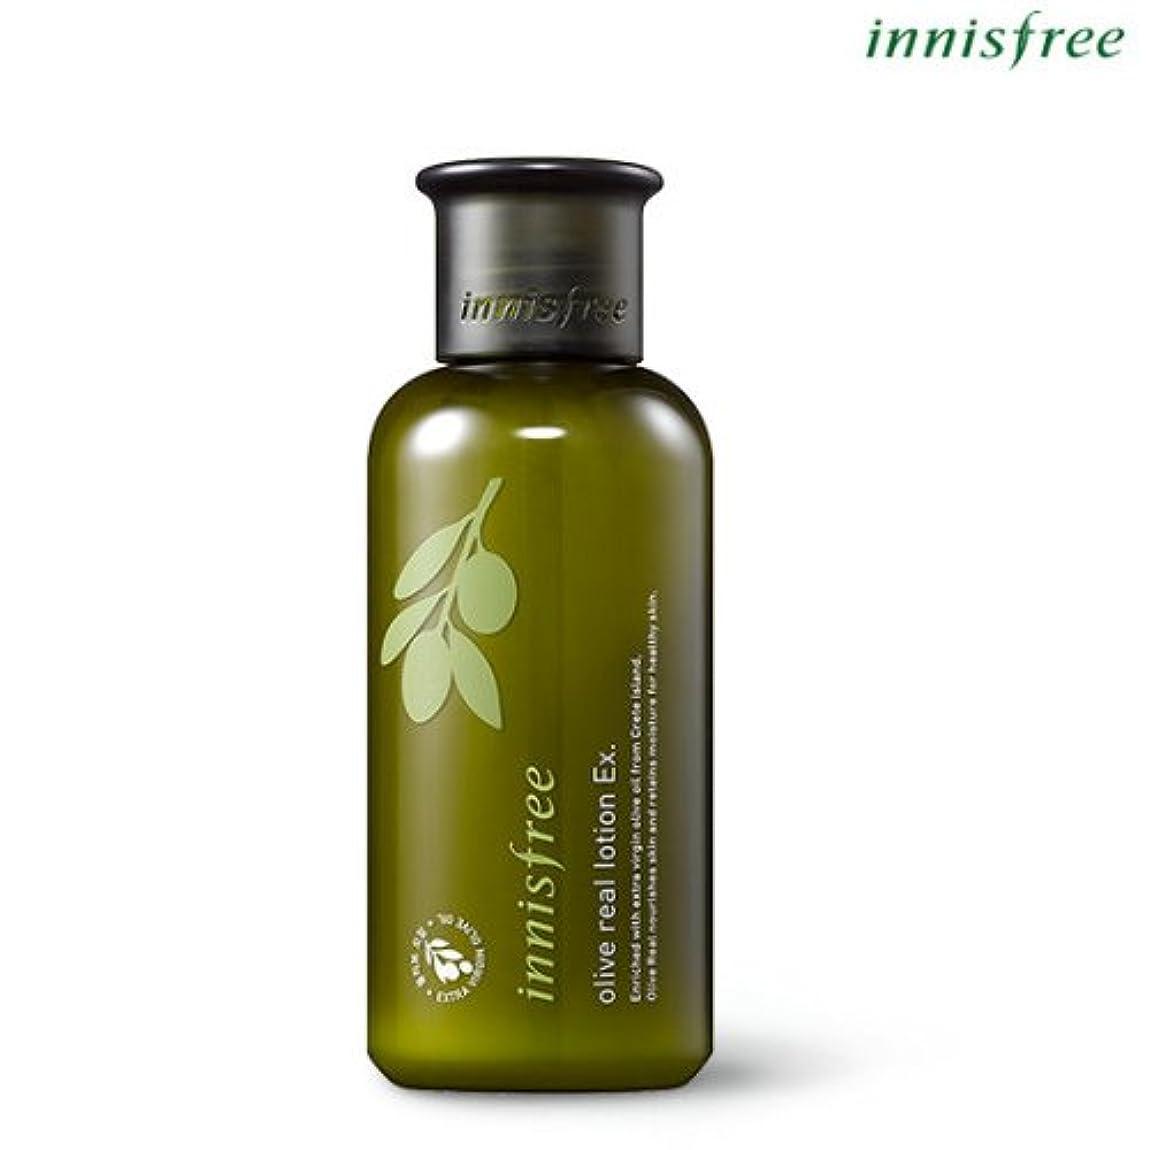 恐れミッション民族主義[INNISFREE]イニスフリーオリーブリアルローションEx.160ml olive real lotion Ex.160ml [並行輸入品]